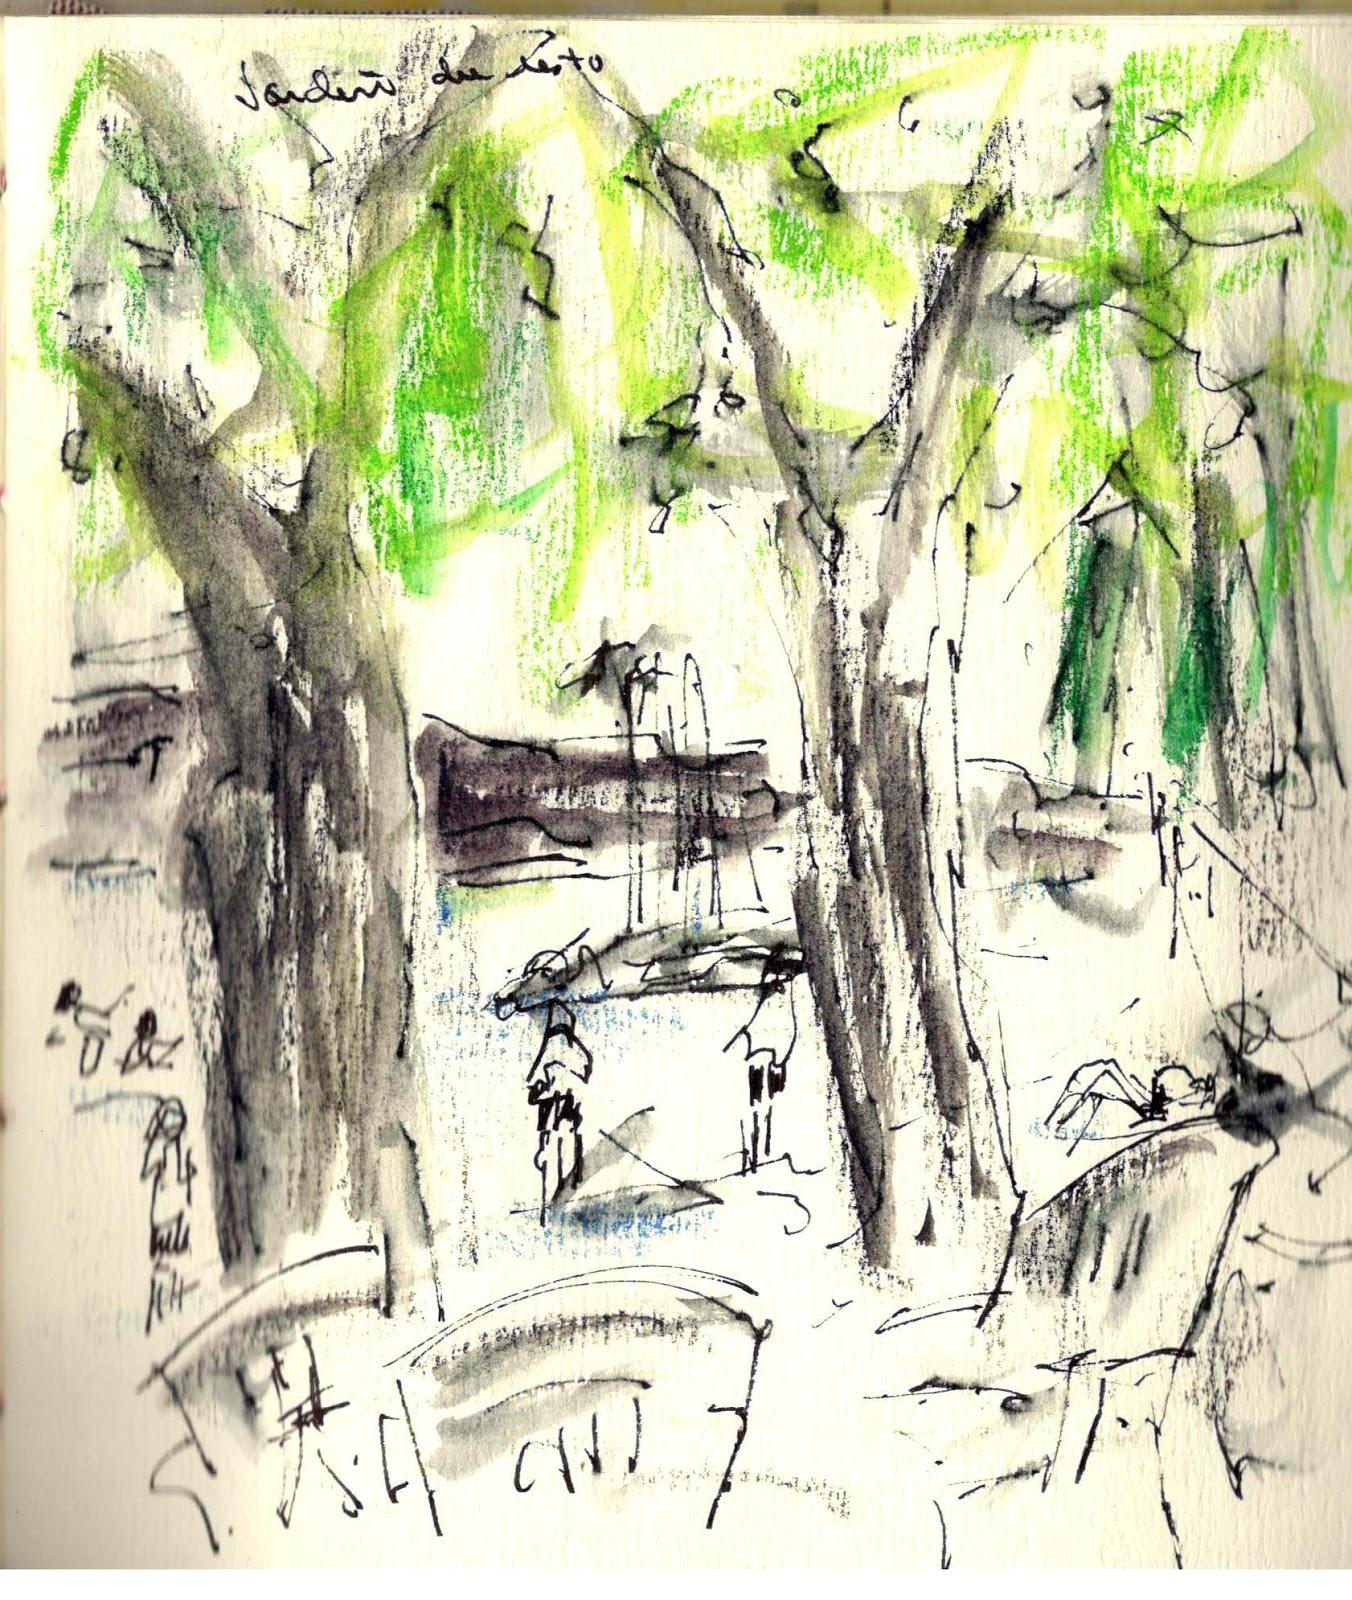 Rochelle mayer artiste en arts visuels - Restaurant cote jardin lac 2 ...